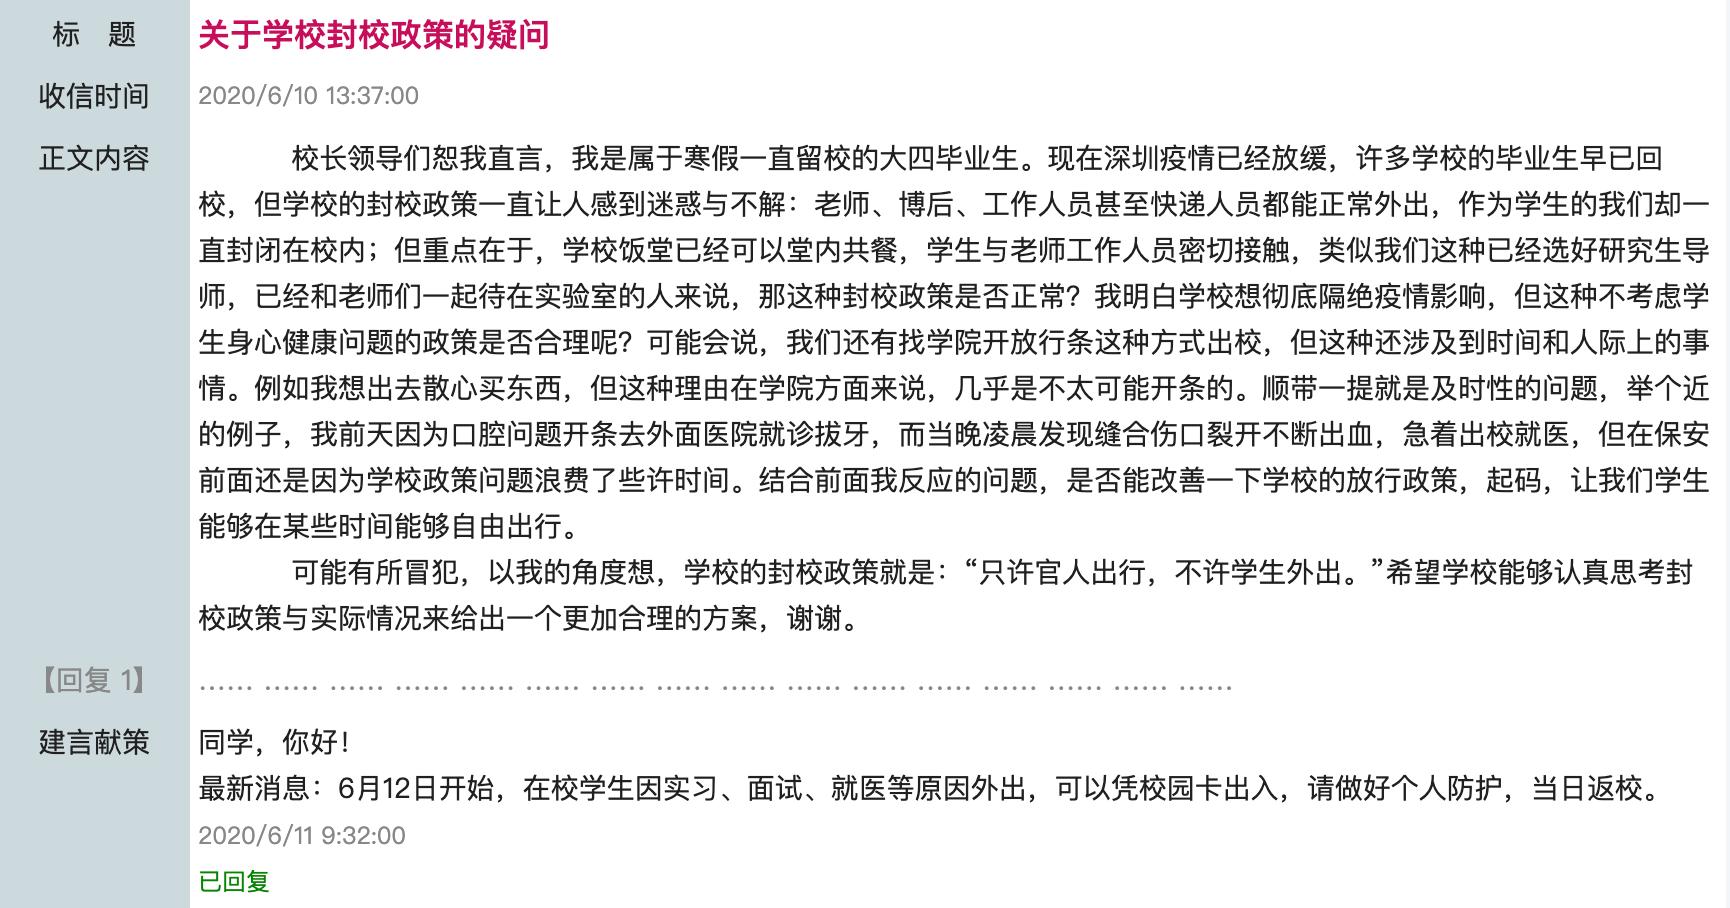 深圳大学相关规定